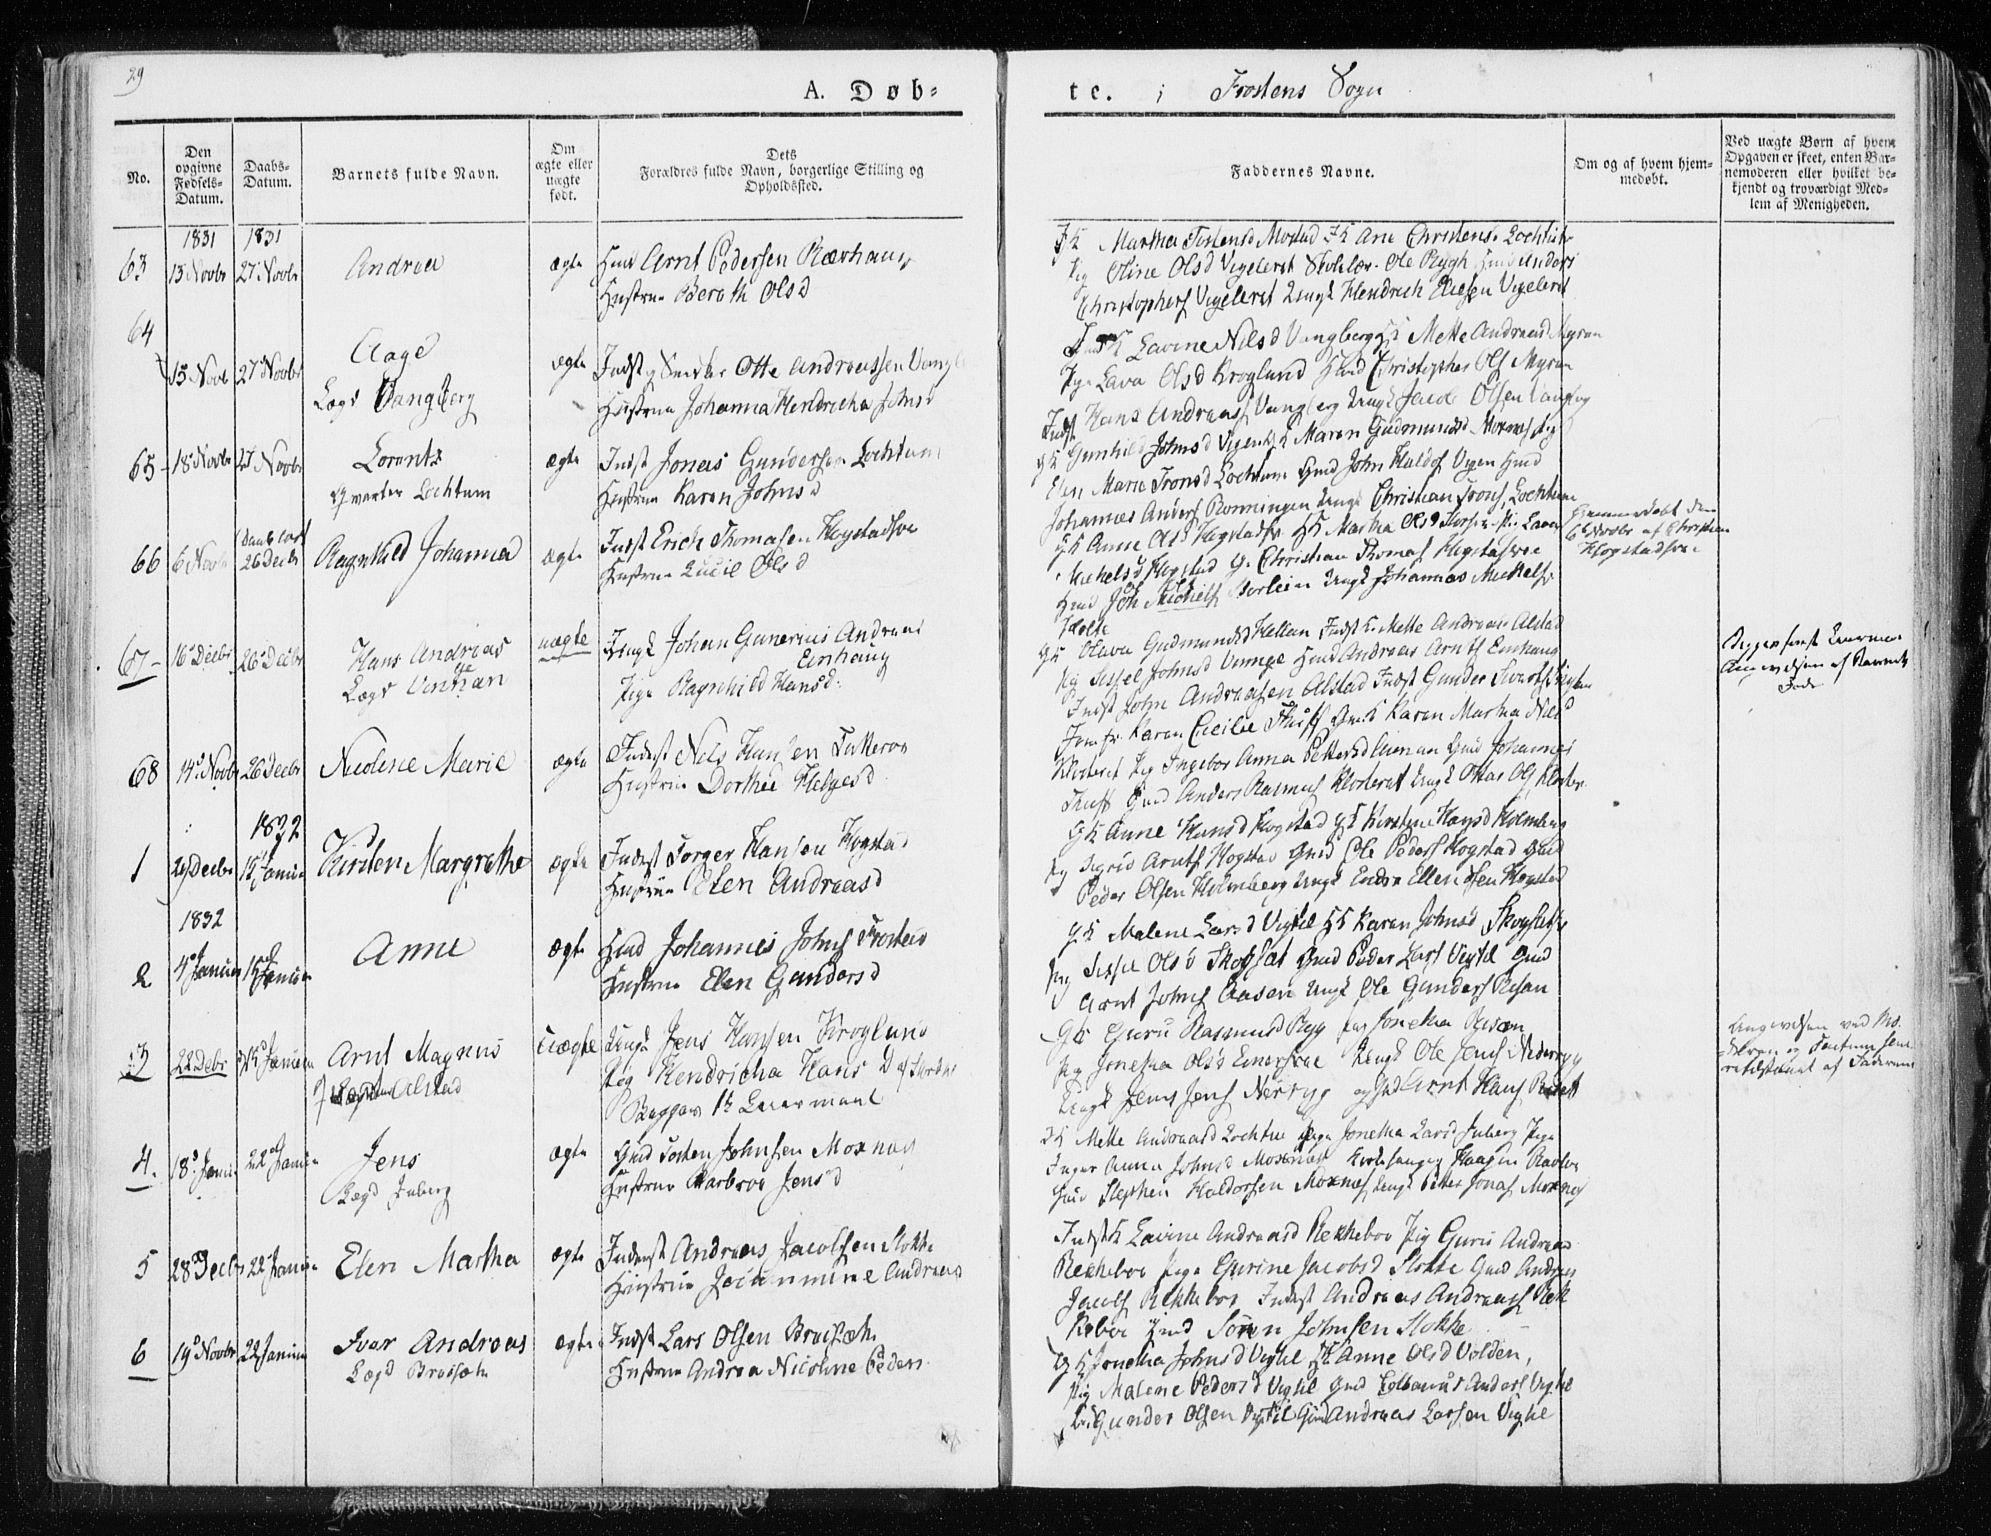 SAT, Ministerialprotokoller, klokkerbøker og fødselsregistre - Nord-Trøndelag, 713/L0114: Ministerialbok nr. 713A05, 1827-1839, s. 29